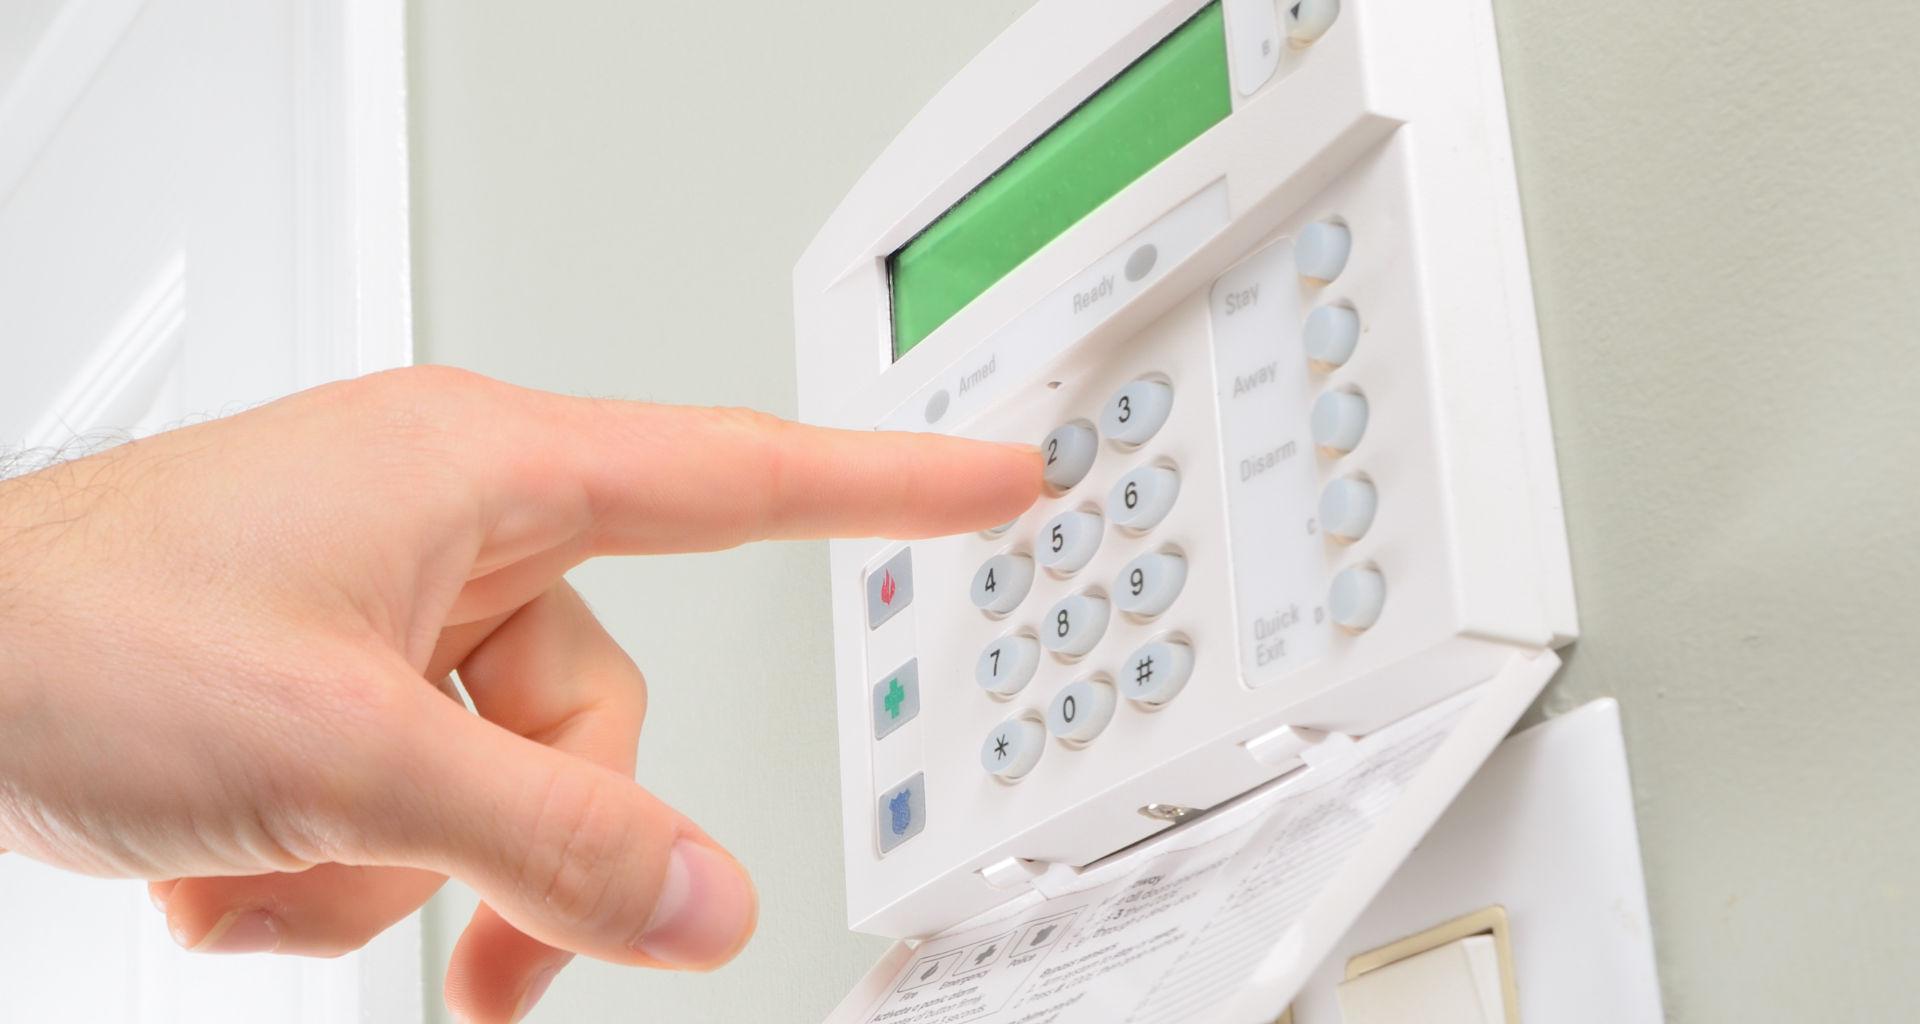 Iščete ponudnika varovanja in varnostnih sistemov? Pomagali vam bomo najti pravega ponudnika varovanja in varnostnih sistemov